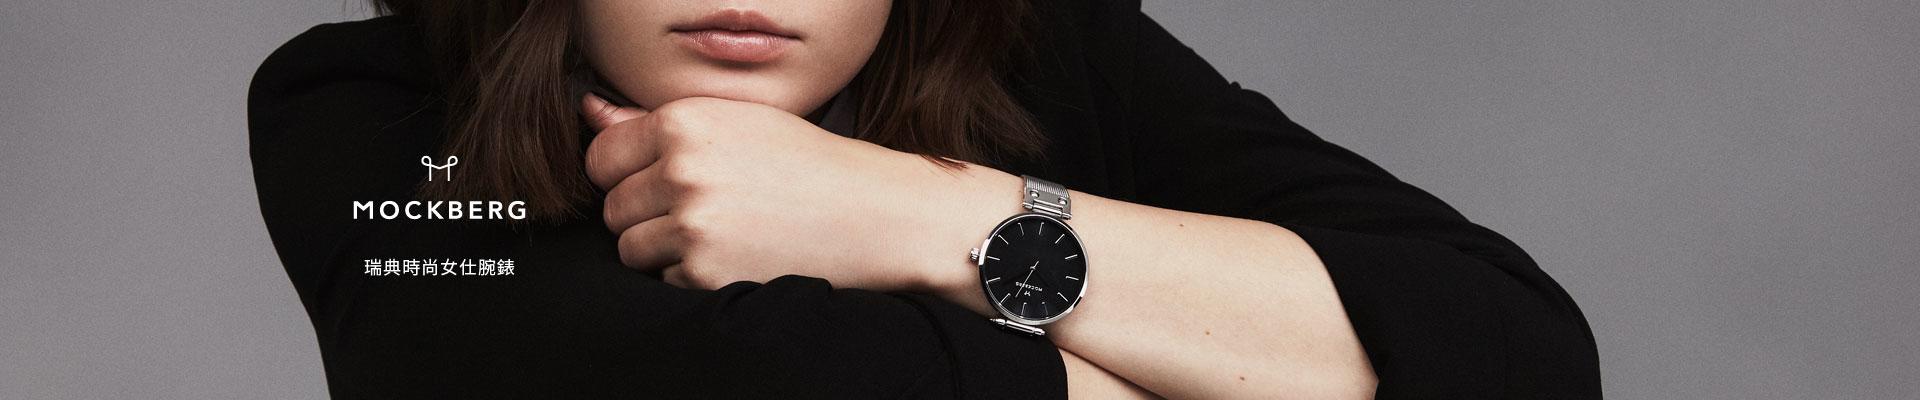 瑞典時尚手錶品牌Mockberg